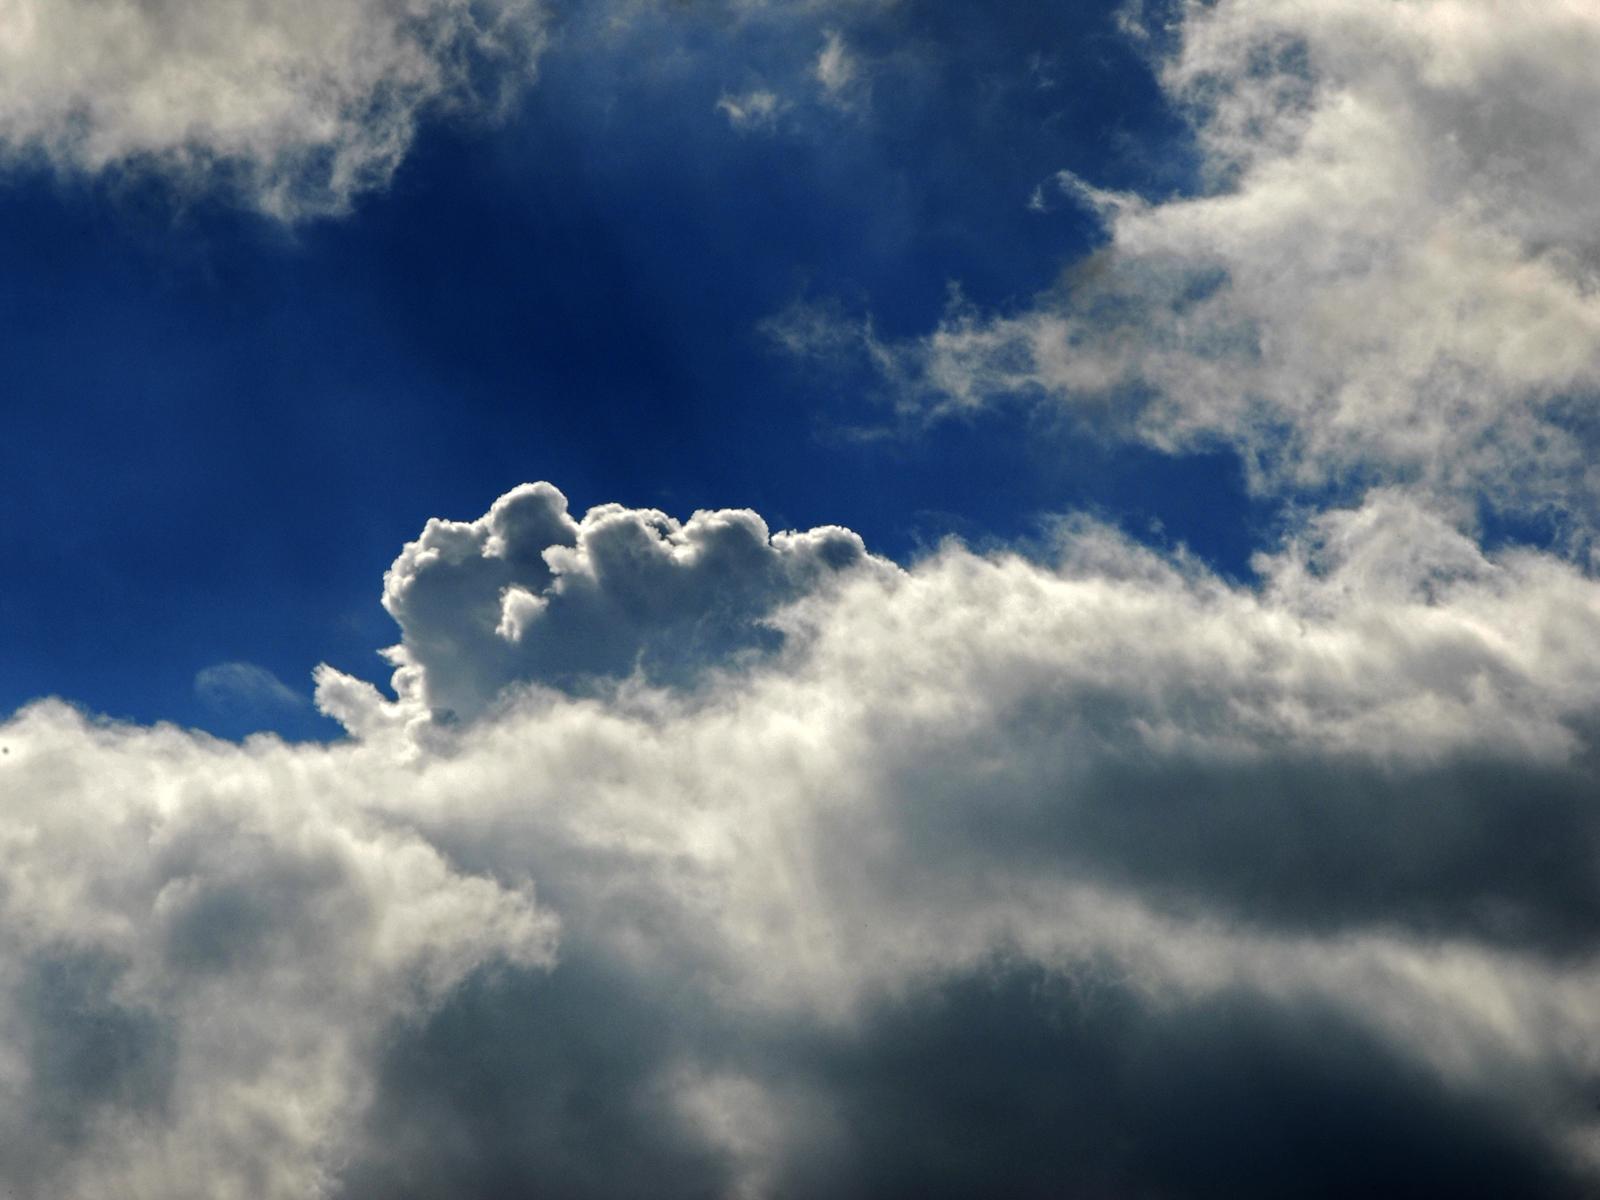 Rain Cloud Series (Image 11 of 15), Bspo06, Clouds, Cumulus, Rain, HQ Photo